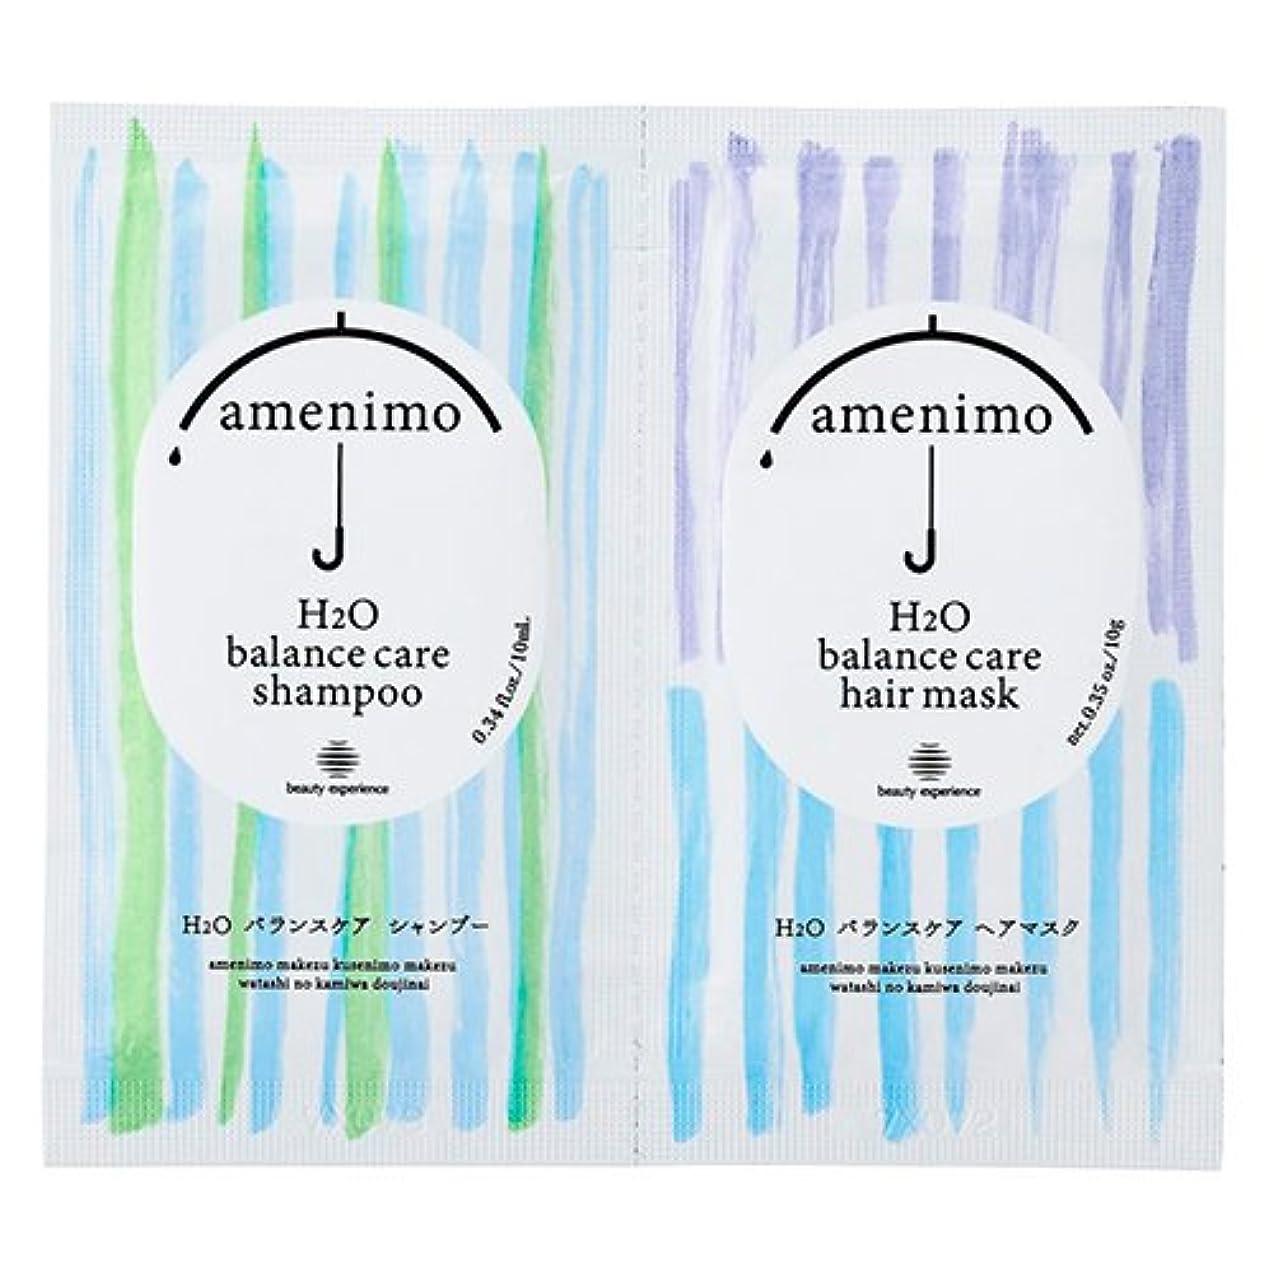 不完全な倍増バングラデシュamenimo(アメニモ) H2O バランスケア シャンプー&ヘアマスク 1dayお試し 10mL+10g